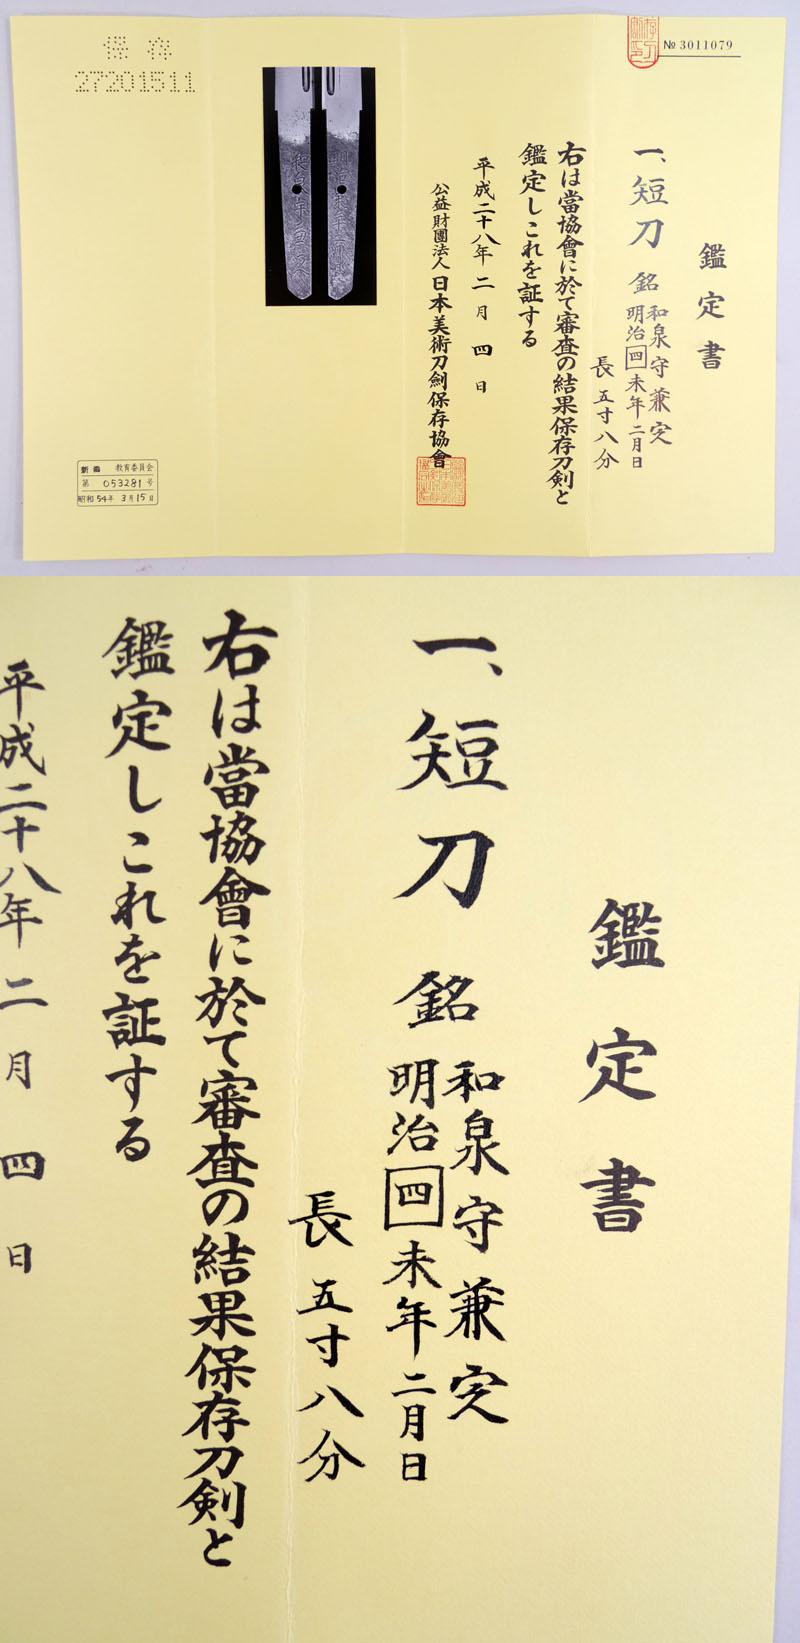 和泉守兼之(十一代和泉守兼定) Picture of Certificate